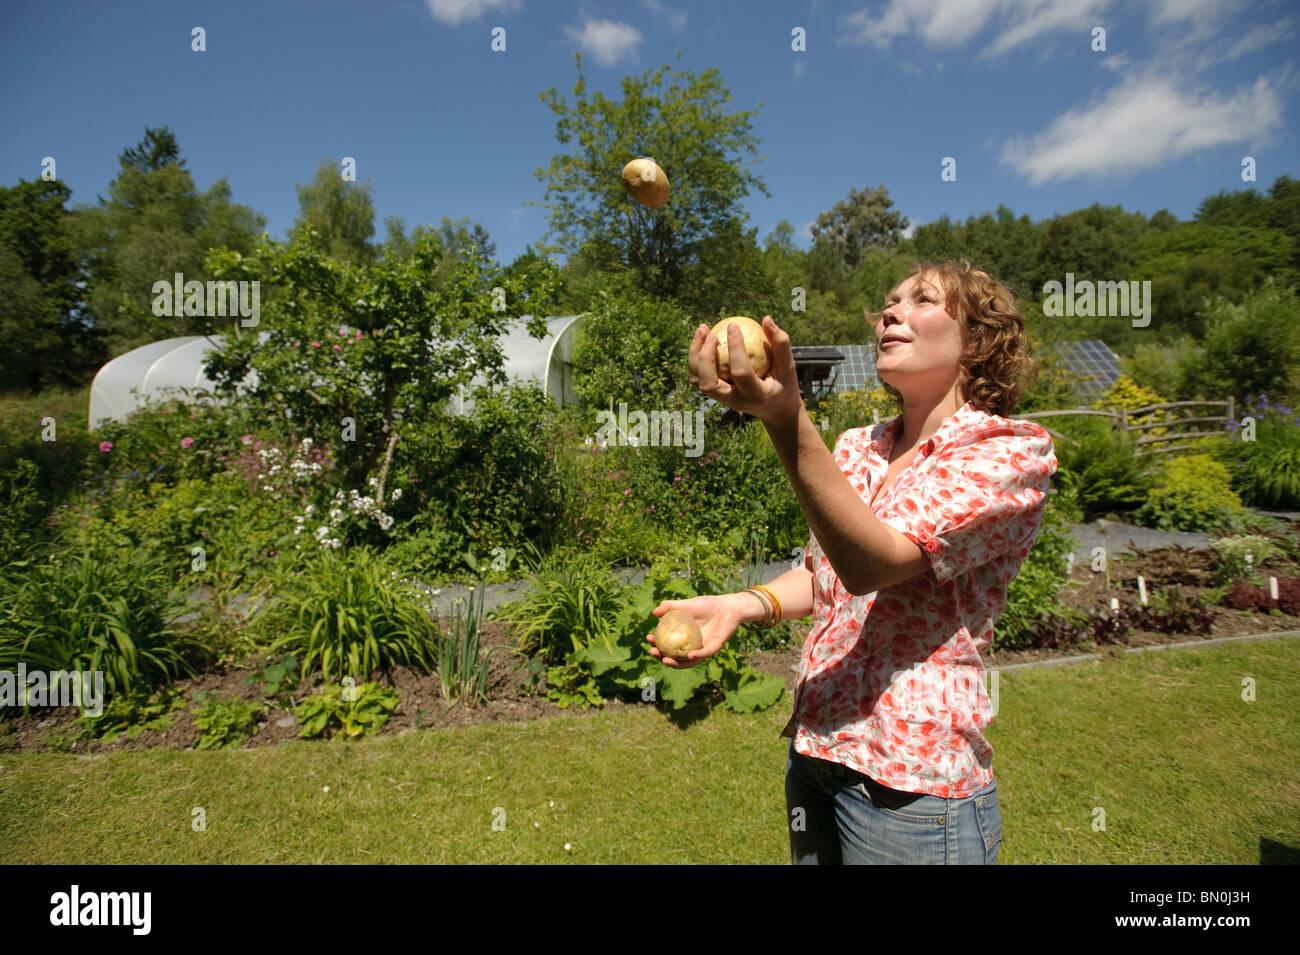 Eine Frau, Jonglieren mit drei Kartoffeln in der Mitte für Alternative Technologie, Machynlleth, Powys Wales Stockbild